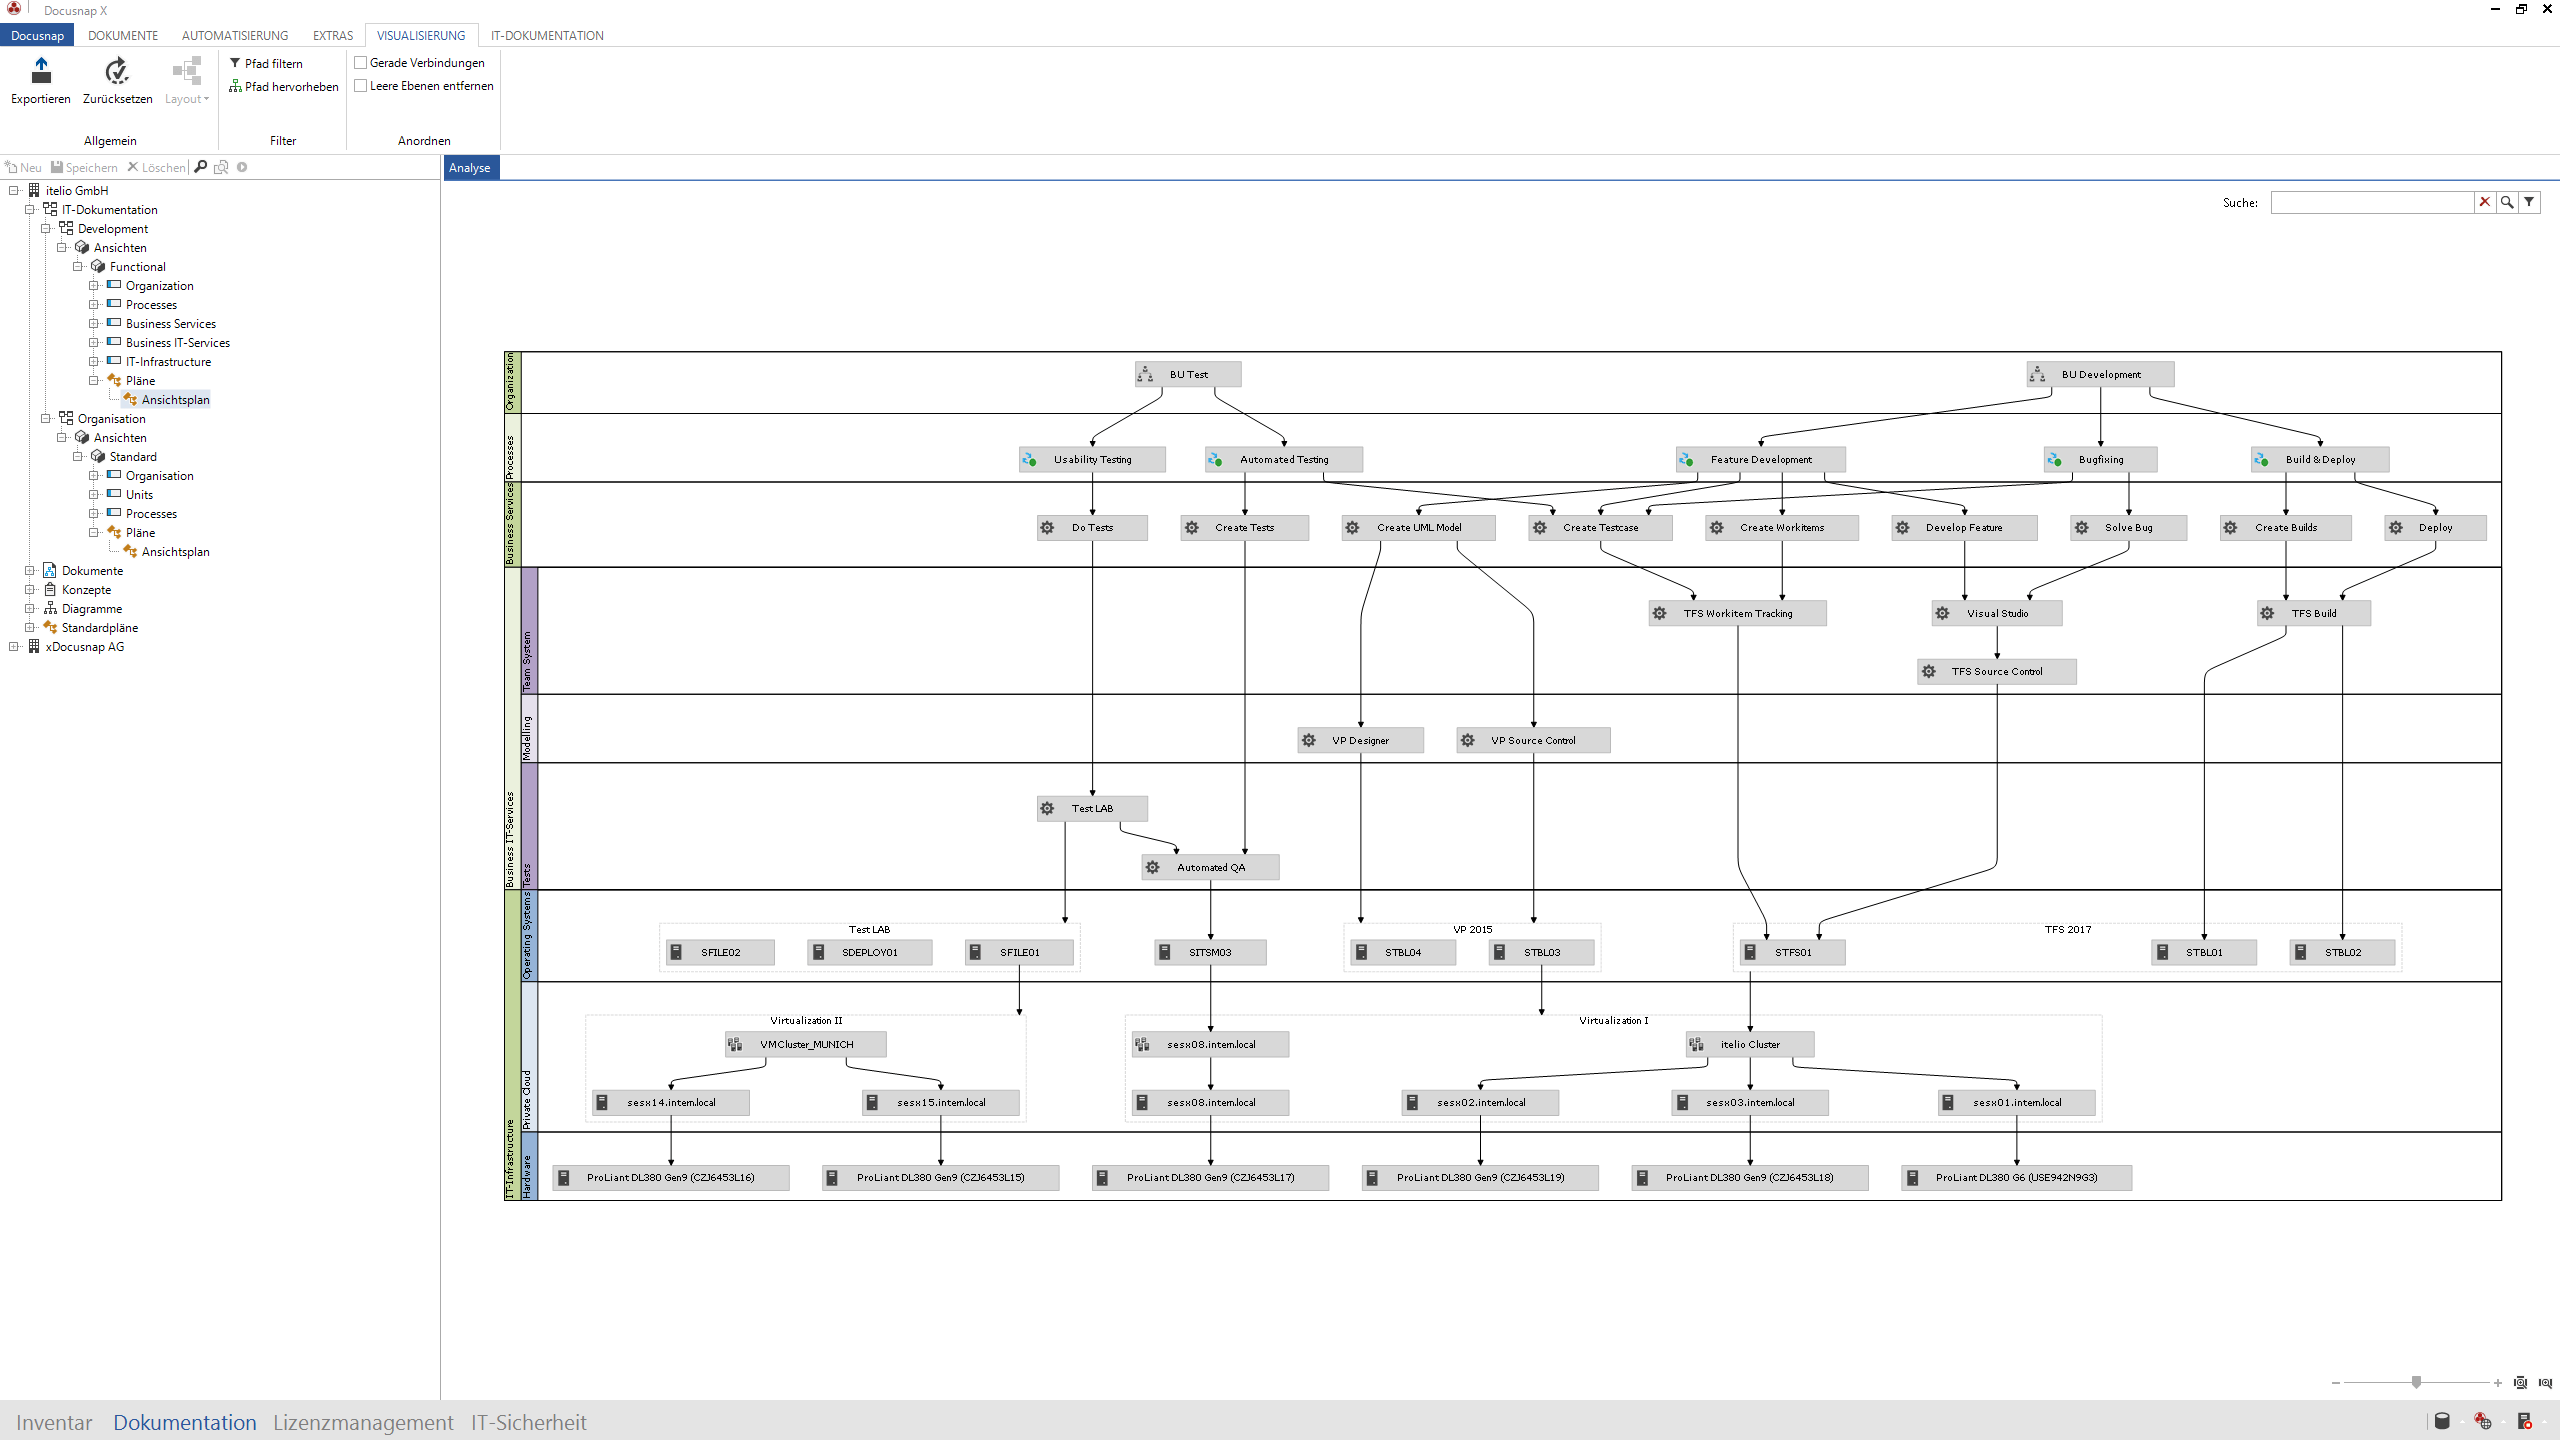 Screenshot: Visualisierung von Prozessen und Services